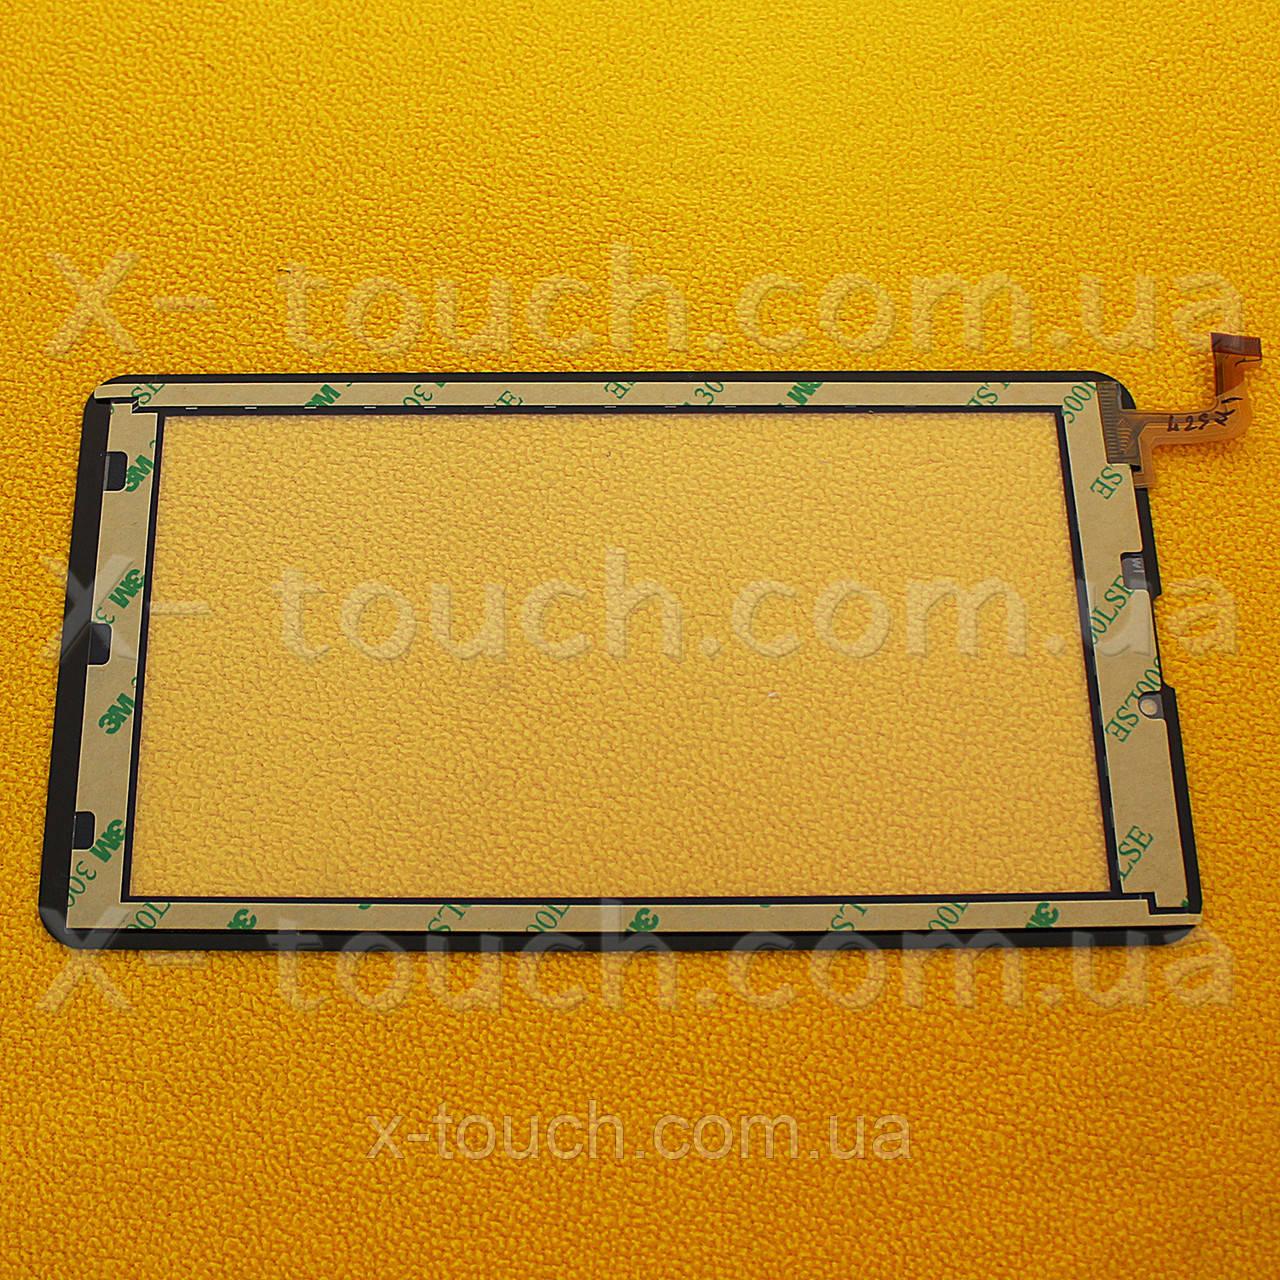 Тачскрин, сенсор  Nomi C07006 Sigma  для планшета